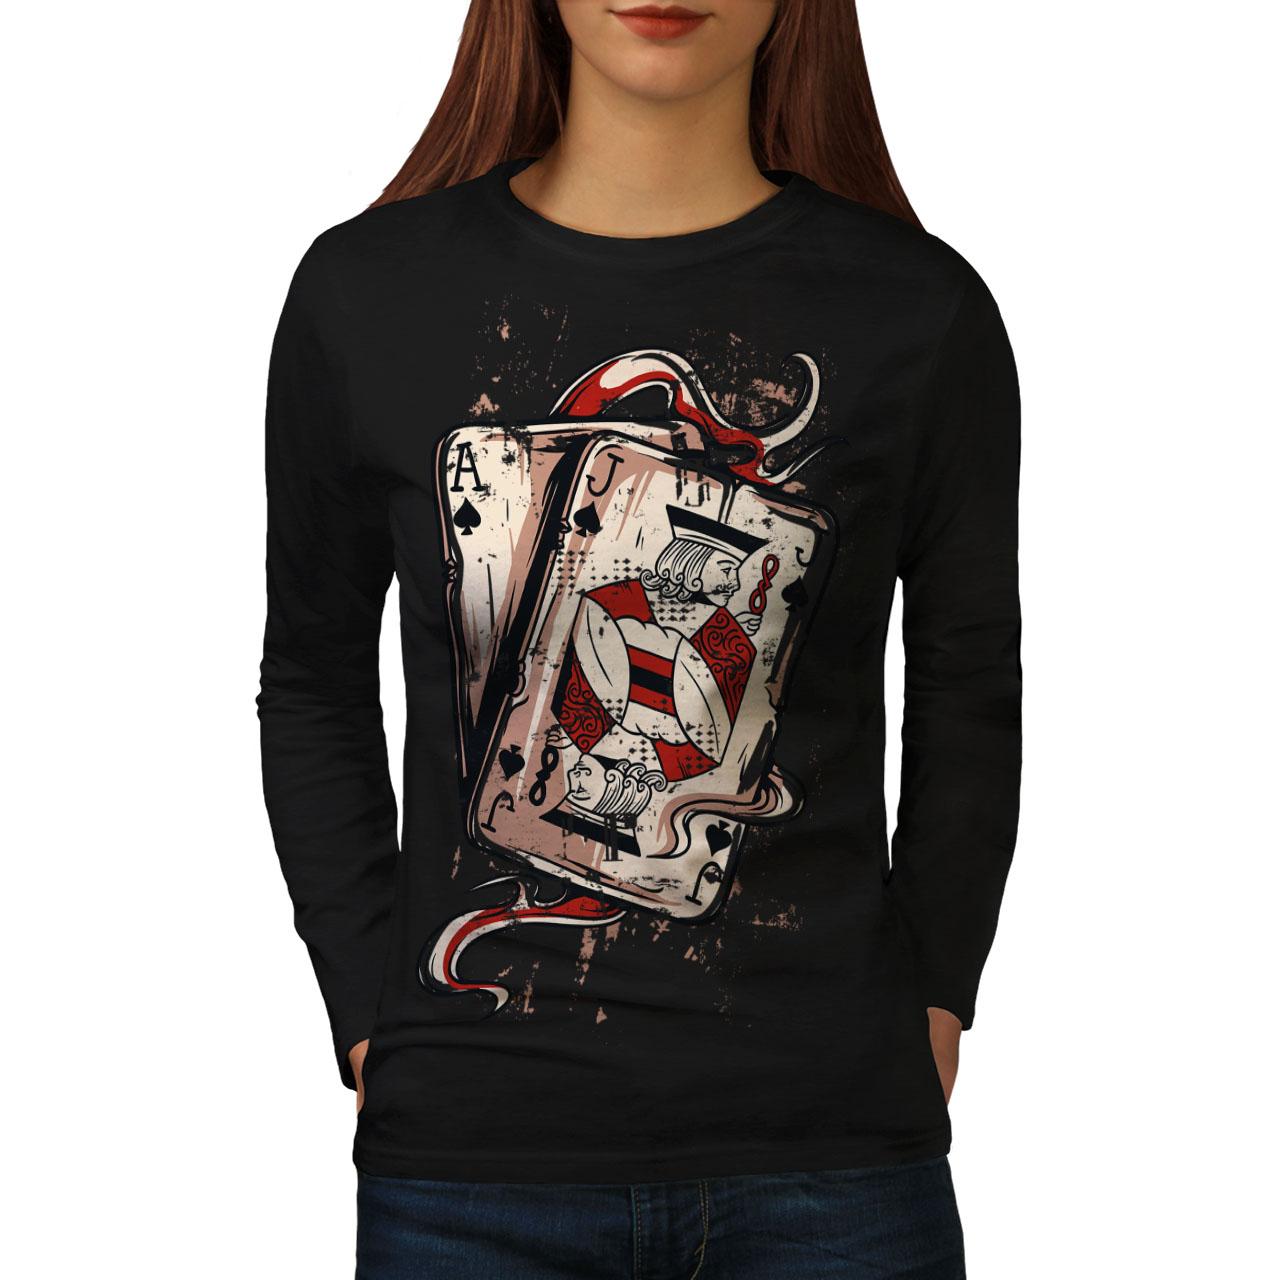 Wellcoda Ace Jack De Espadas Mujer Manga Larga T-shirt, Diseño Casual De Tarjeta